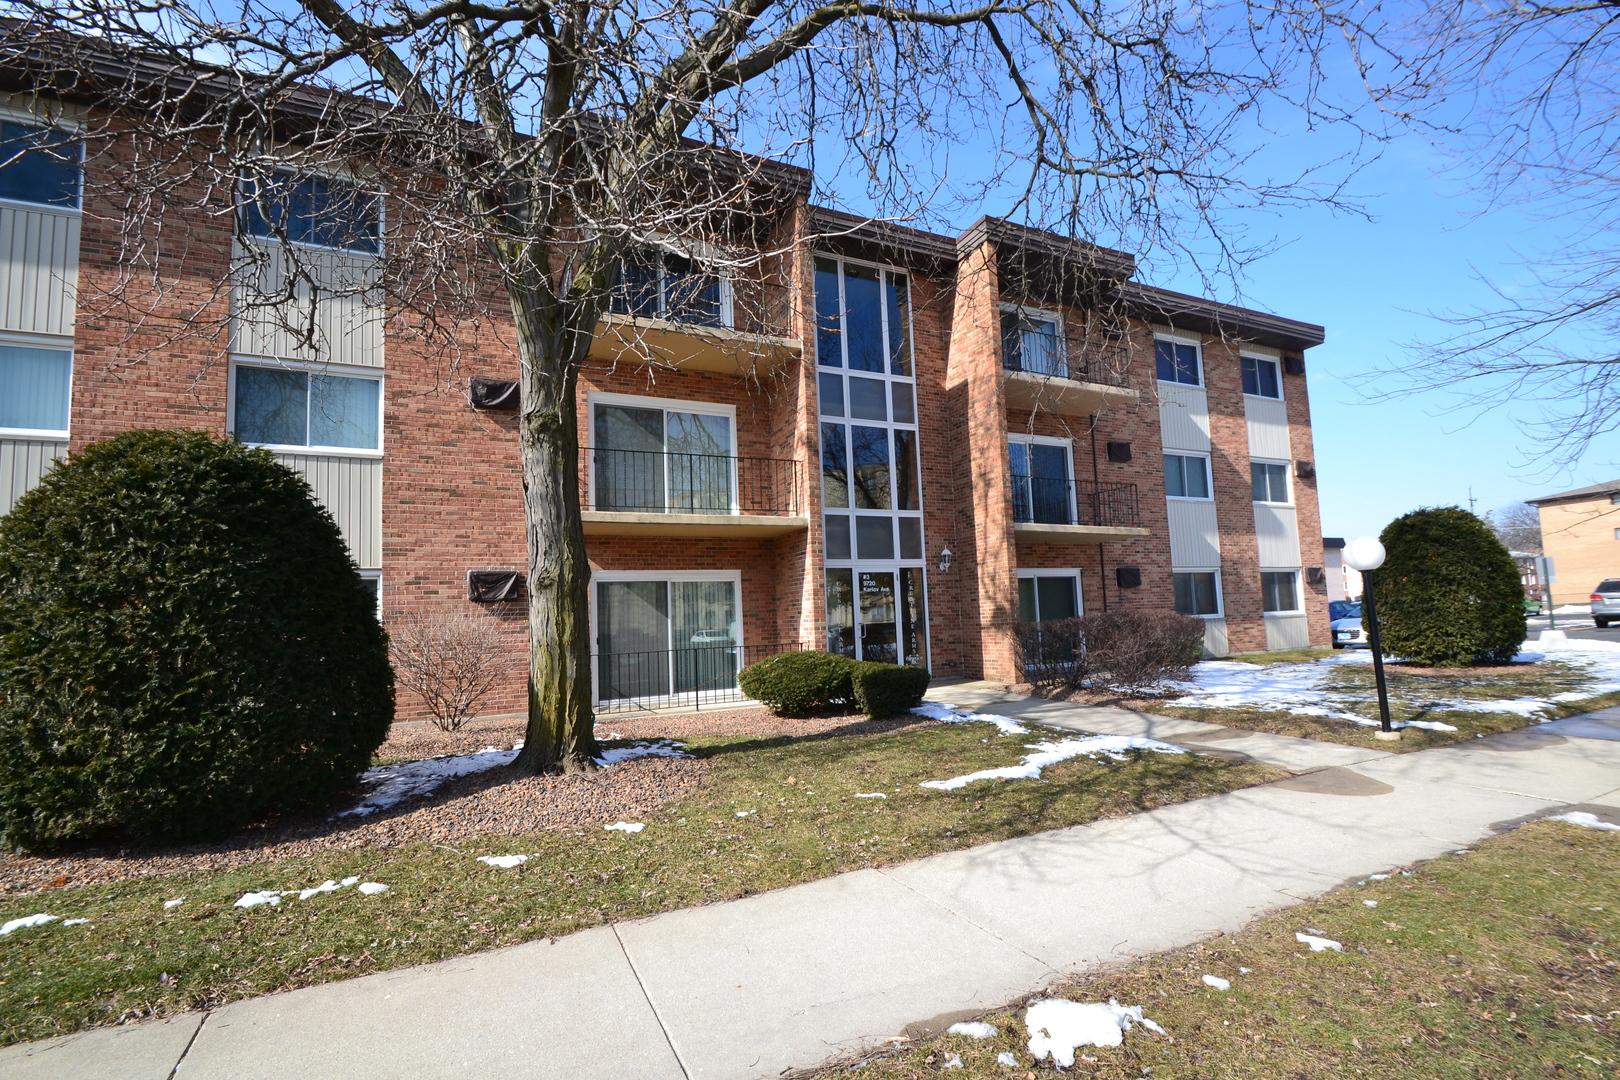 Photo of 9720 South Karlov Avenue, 303 OAK LAWN IL 60453